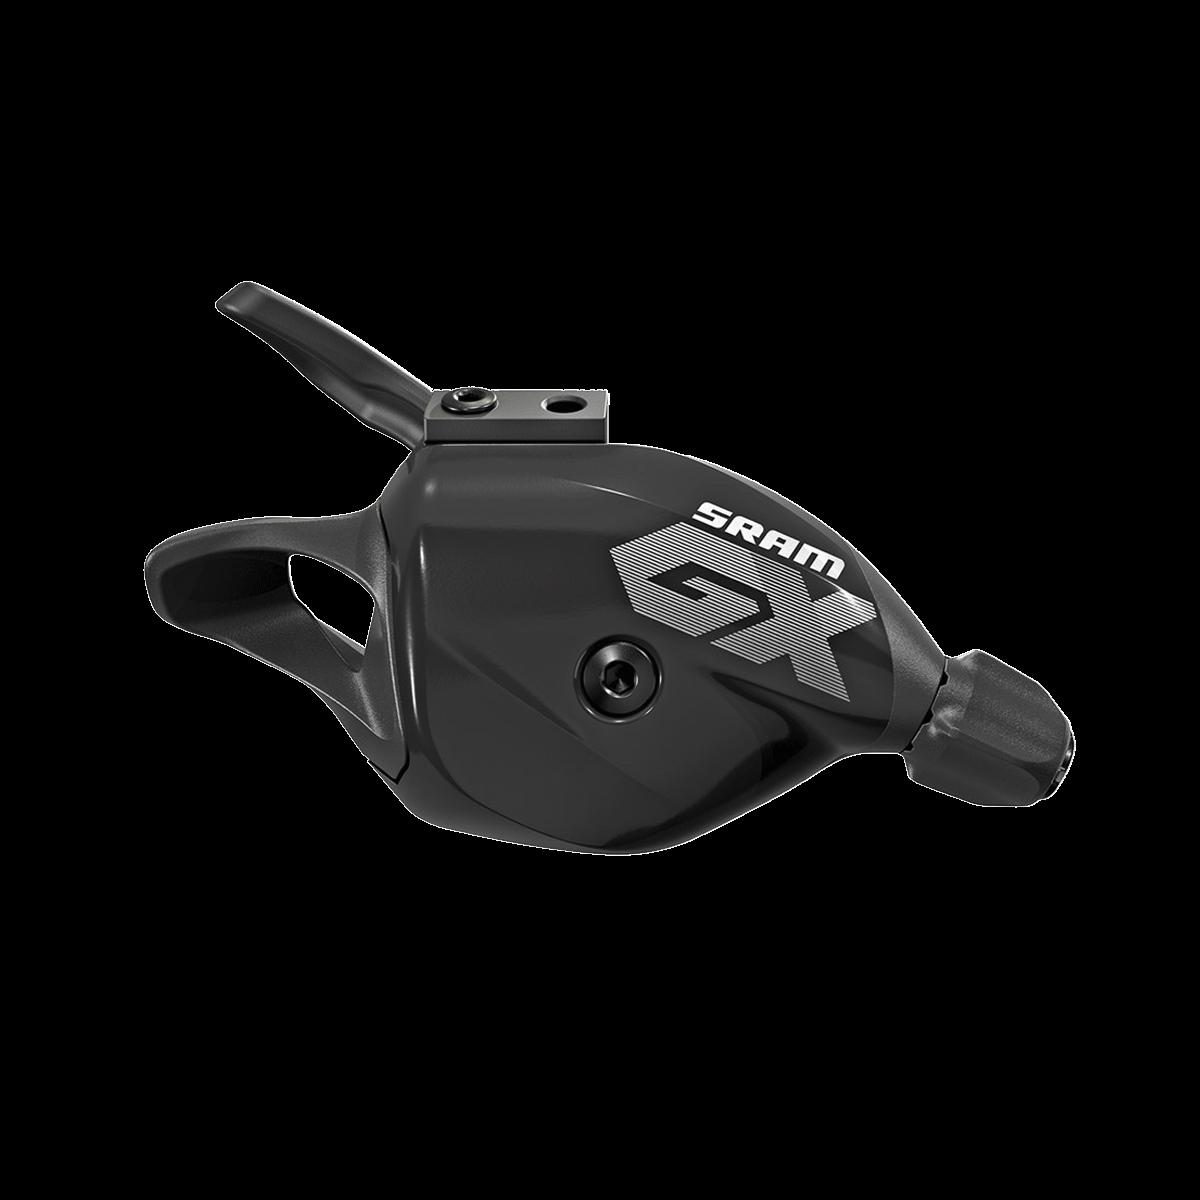 Sram Eagle GX Trigger Shifter - 12 Speed